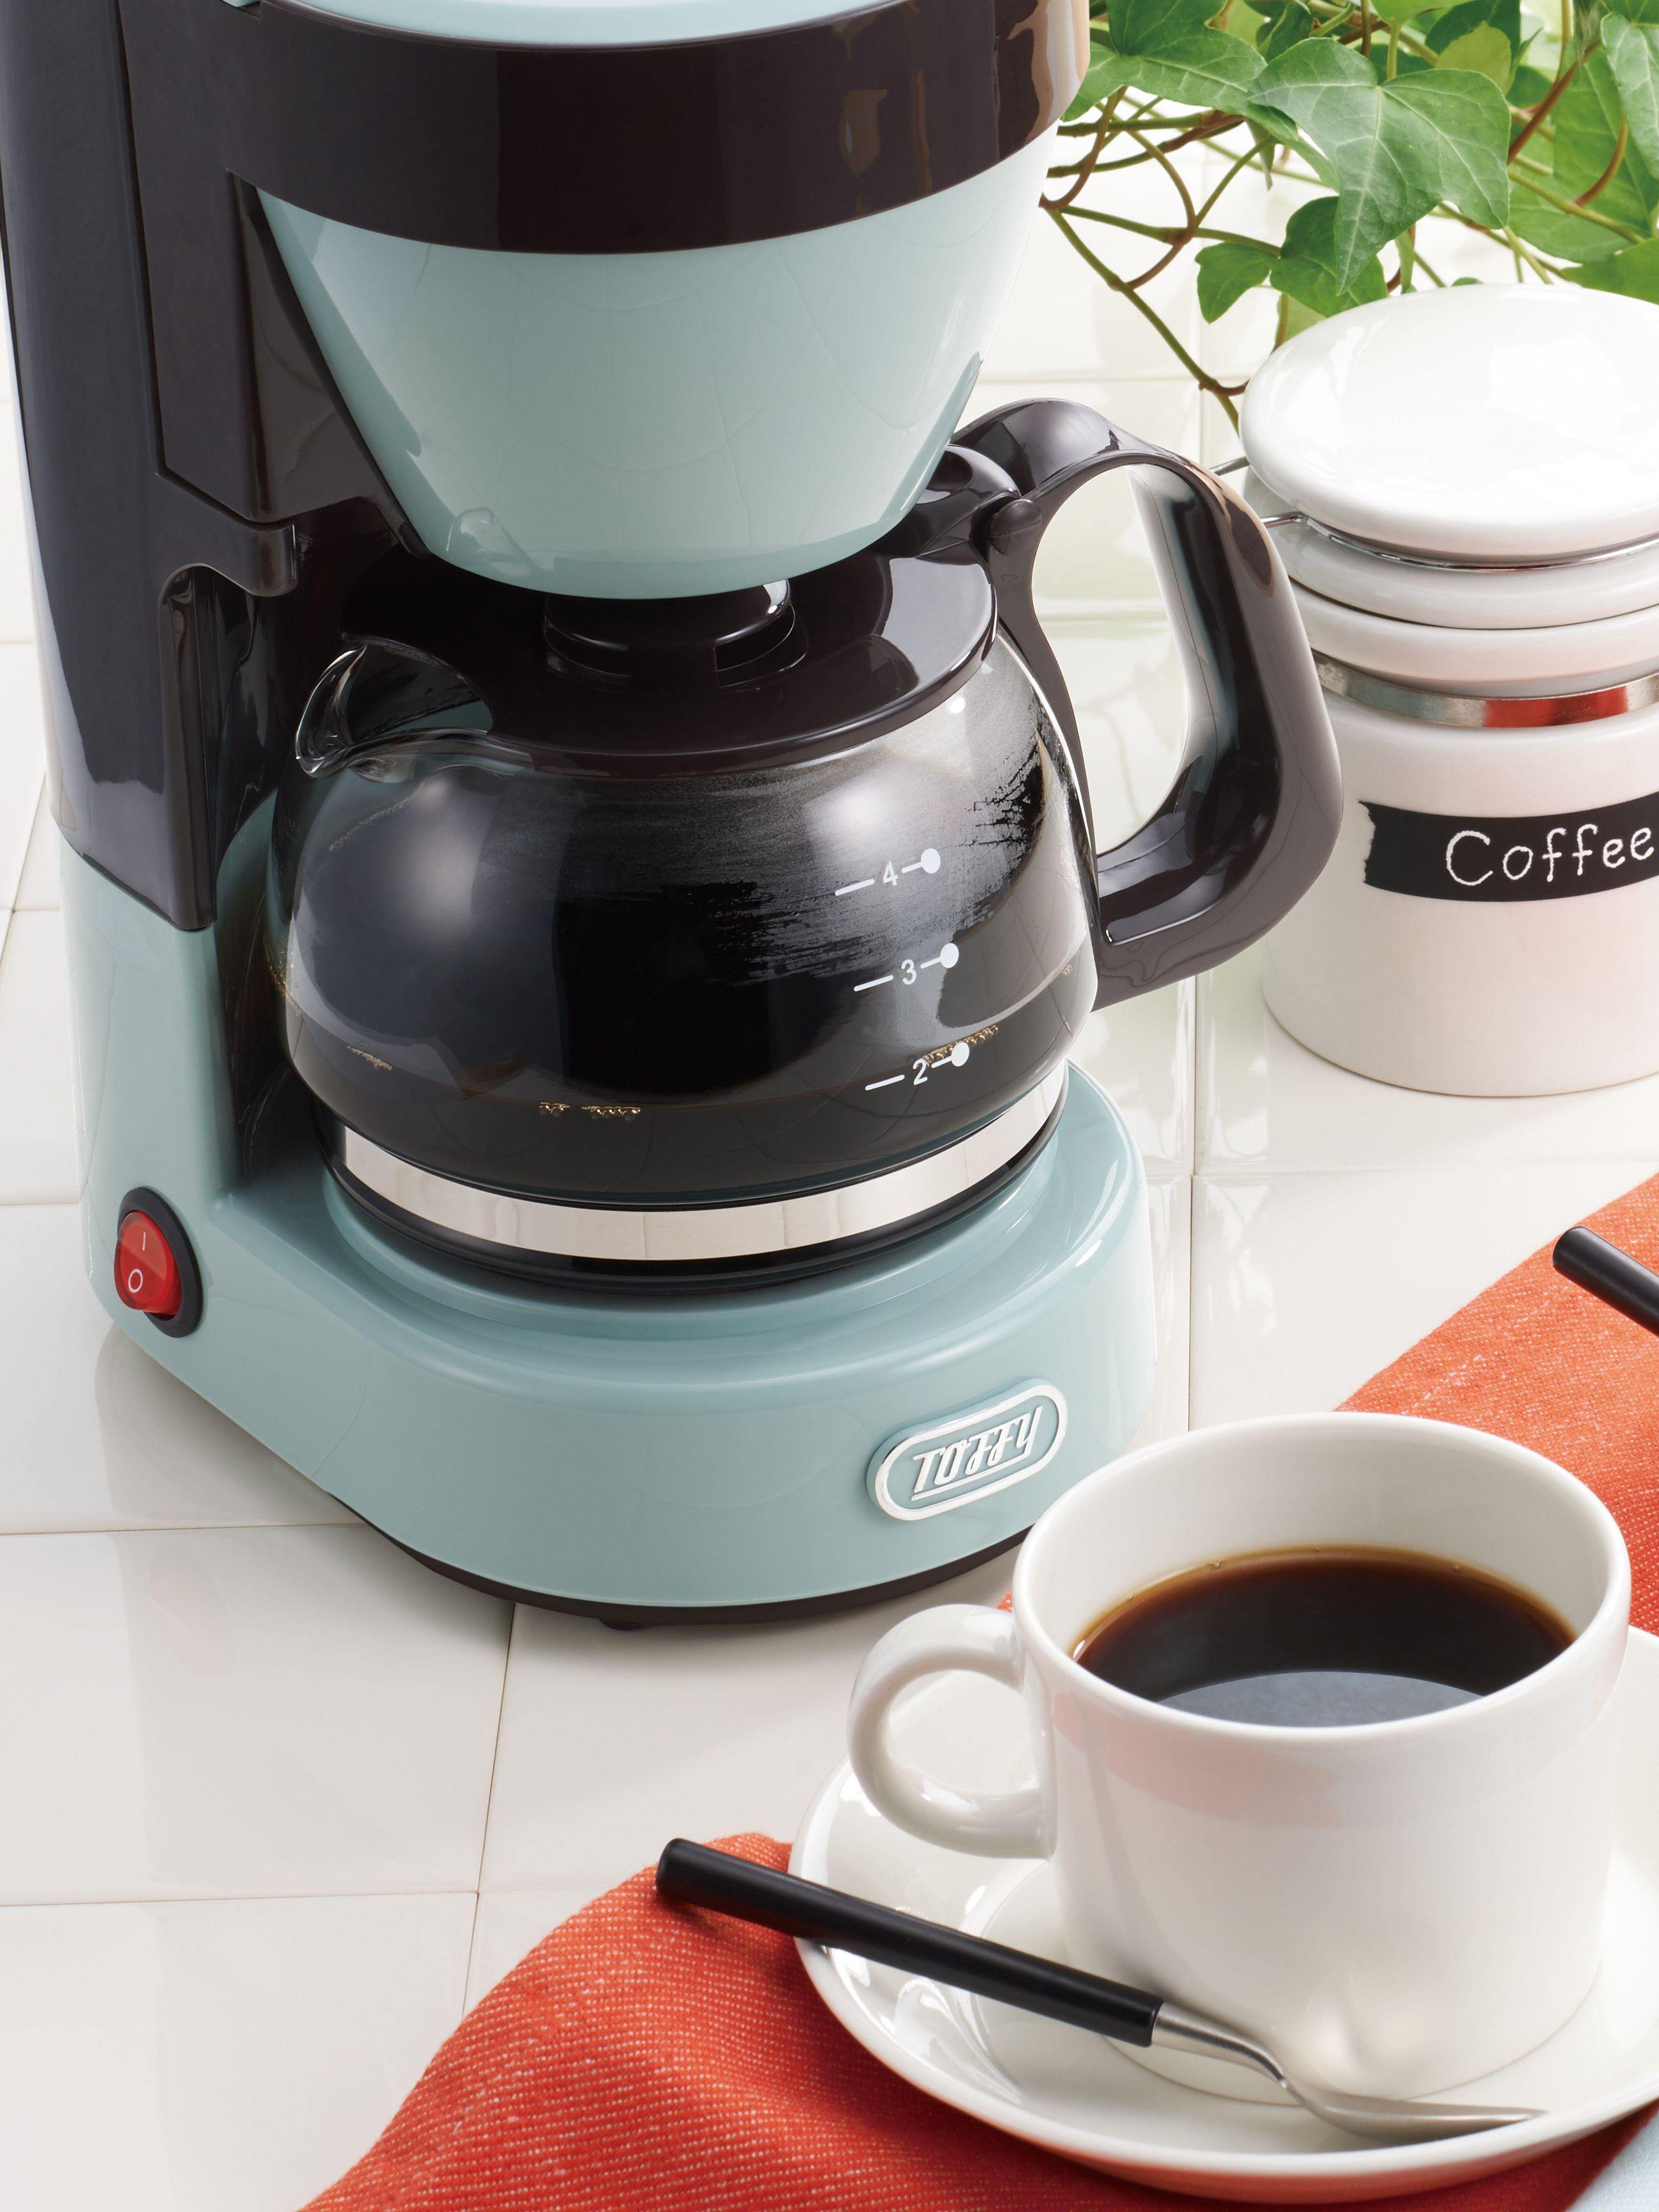 ラドンナ Toffy トフィ 4カップコーヒーメーカー 650ml キッチン家電 コーヒーメーカー 2020 コーヒーメーカー コーヒー ラドンナ